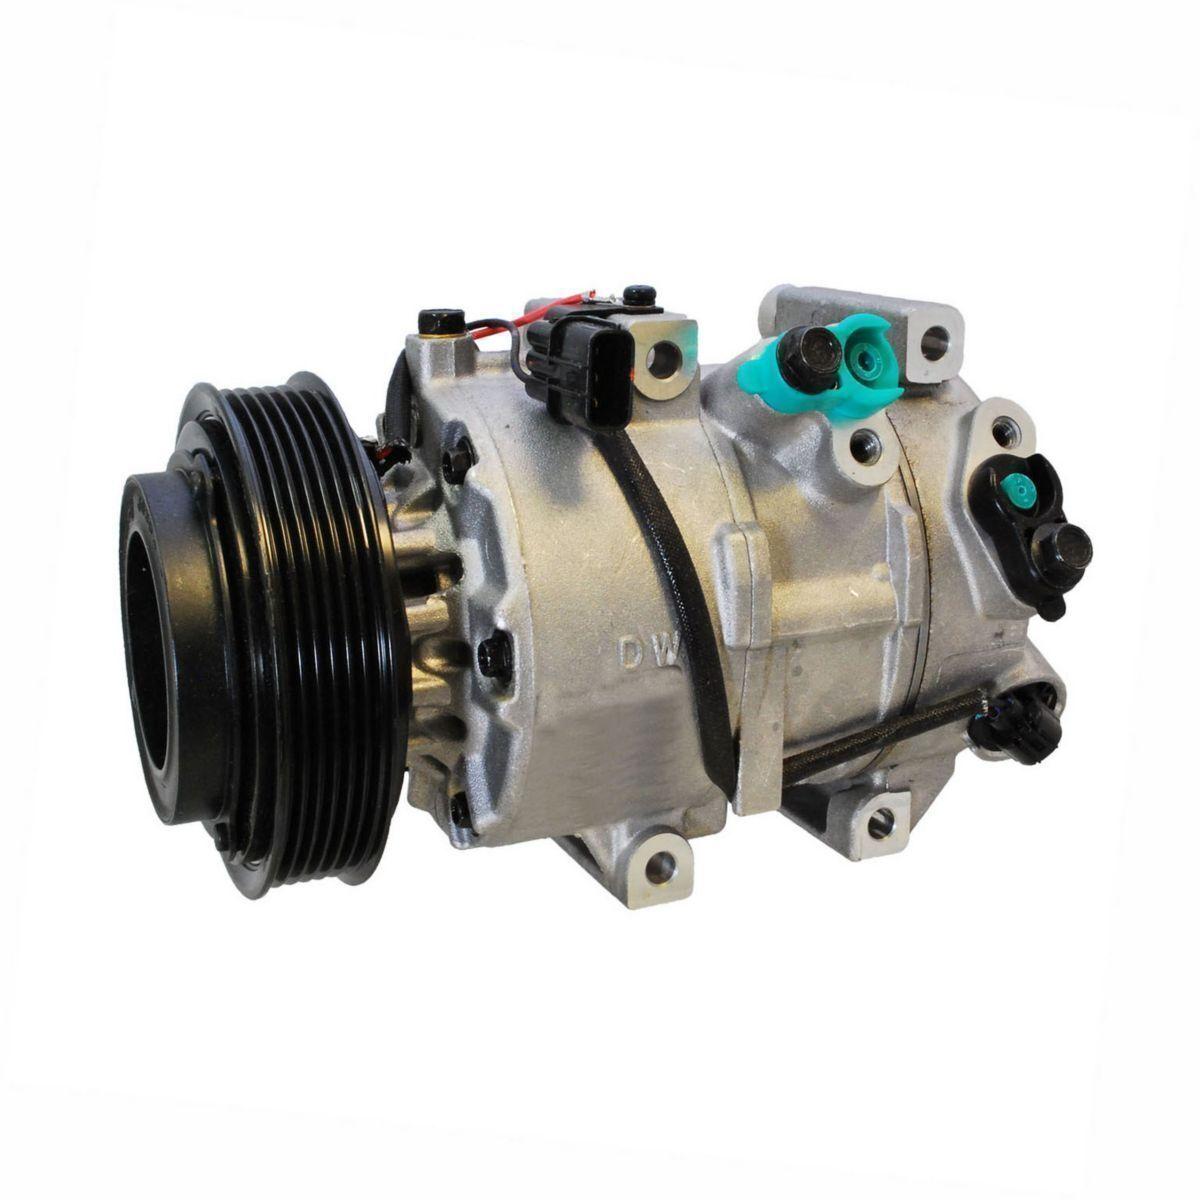 News AC A//C Compressor Fits 06 G6 2006-2007 Chevrolet Monte Carlo V6 3.5L